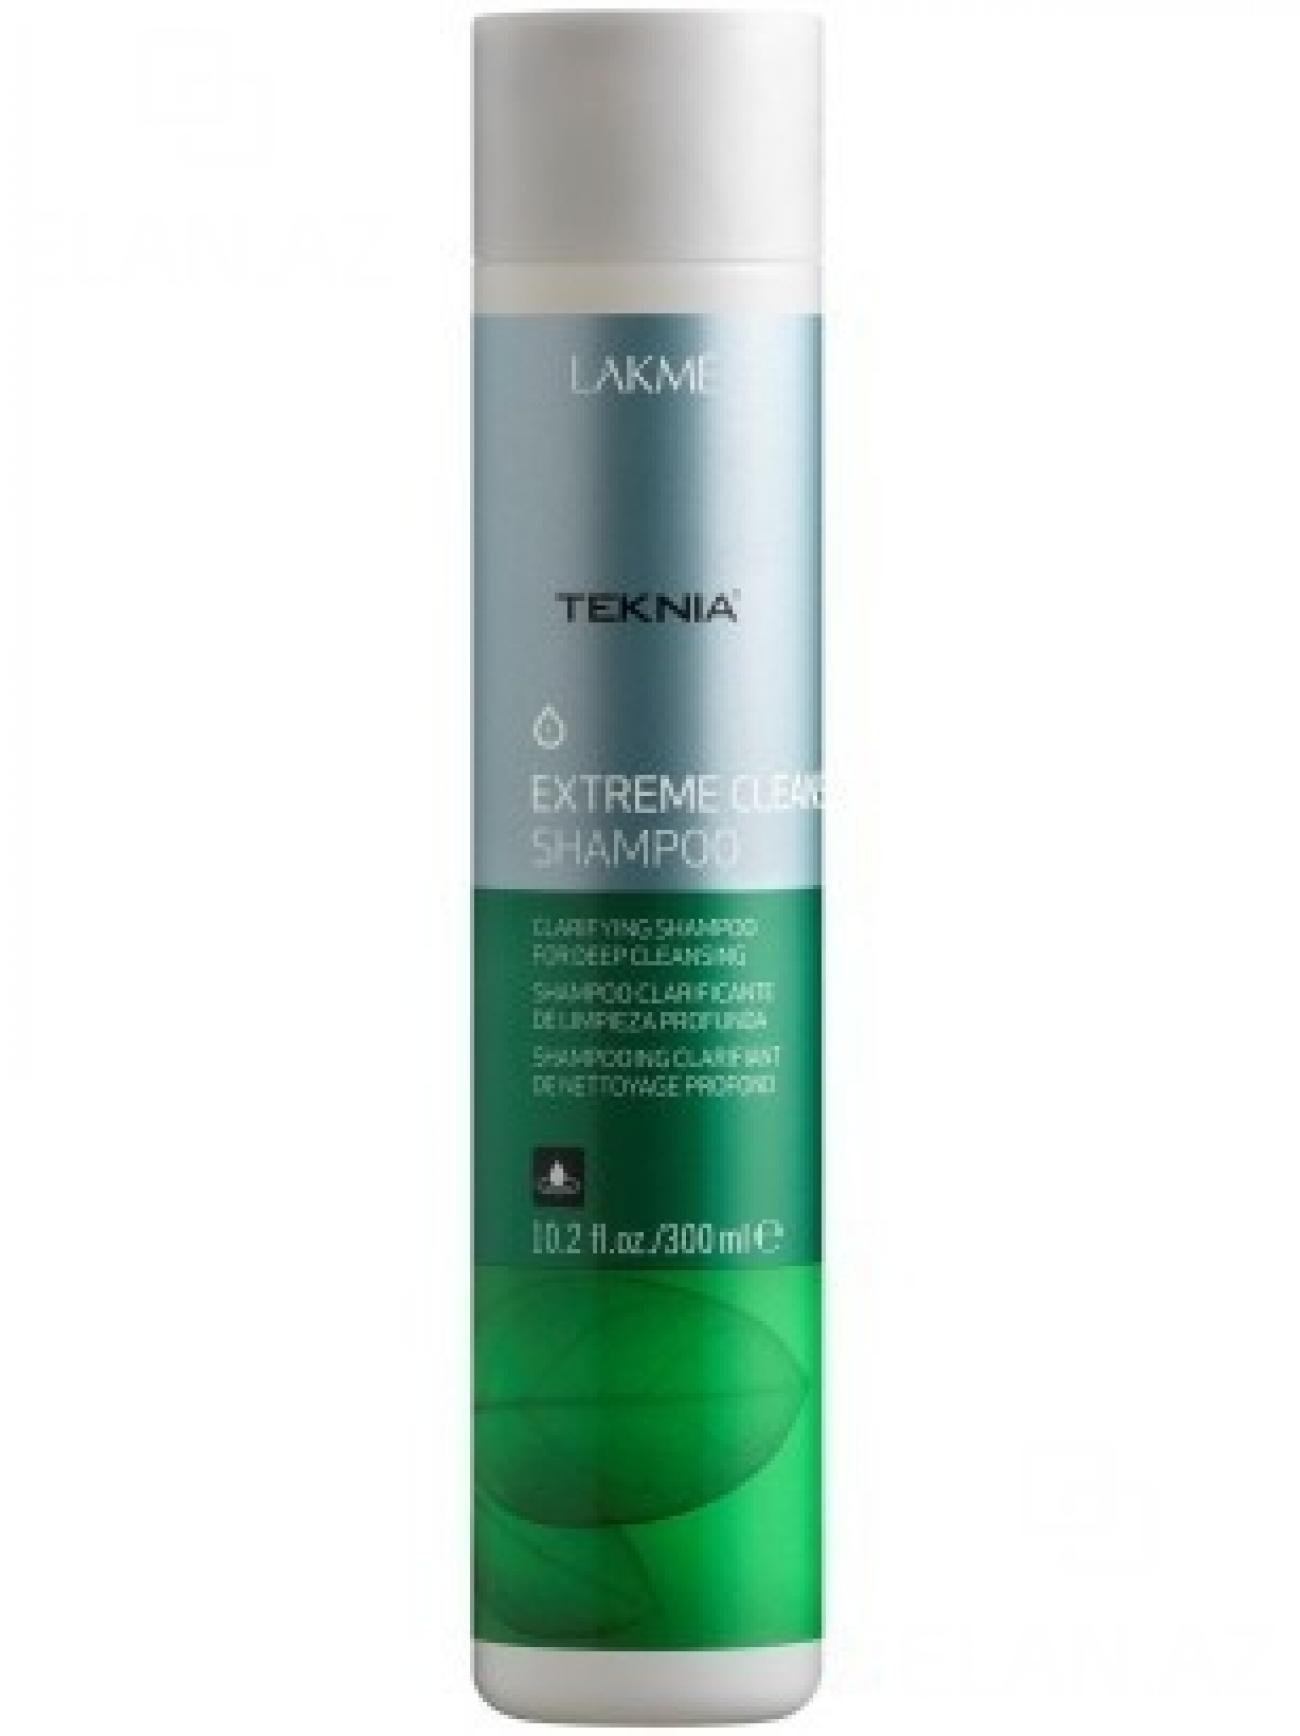 Lakme Шампунь для глубокого очищения Shampoo, 100 мл47313Обогащенный фруктовыми кислотами и экстрактом зеленого чая, он придает волосам естественный блеск и мягкость. Вытяжка из плодов индийского каштана оказывает вяжущее, антисептическое действие и обеспечивает глубокое очищение , как волос, так и кожи головы. Мягкая формула эффективно удаляет остатки укладочных средств и запахи, не вызывает раздражения. Входящий в состав ментол, мгновенно дает ощущение свежести. Шампунь для глубокого очищения Lakme Teknia Extreme Cleanse Shampoo содержит WAA™ – комплекс растительных аминокислот, ухаживающий за волосами и оказывающий глубокое воздействие изнутри. Идеально подходит для очень жирных волос.